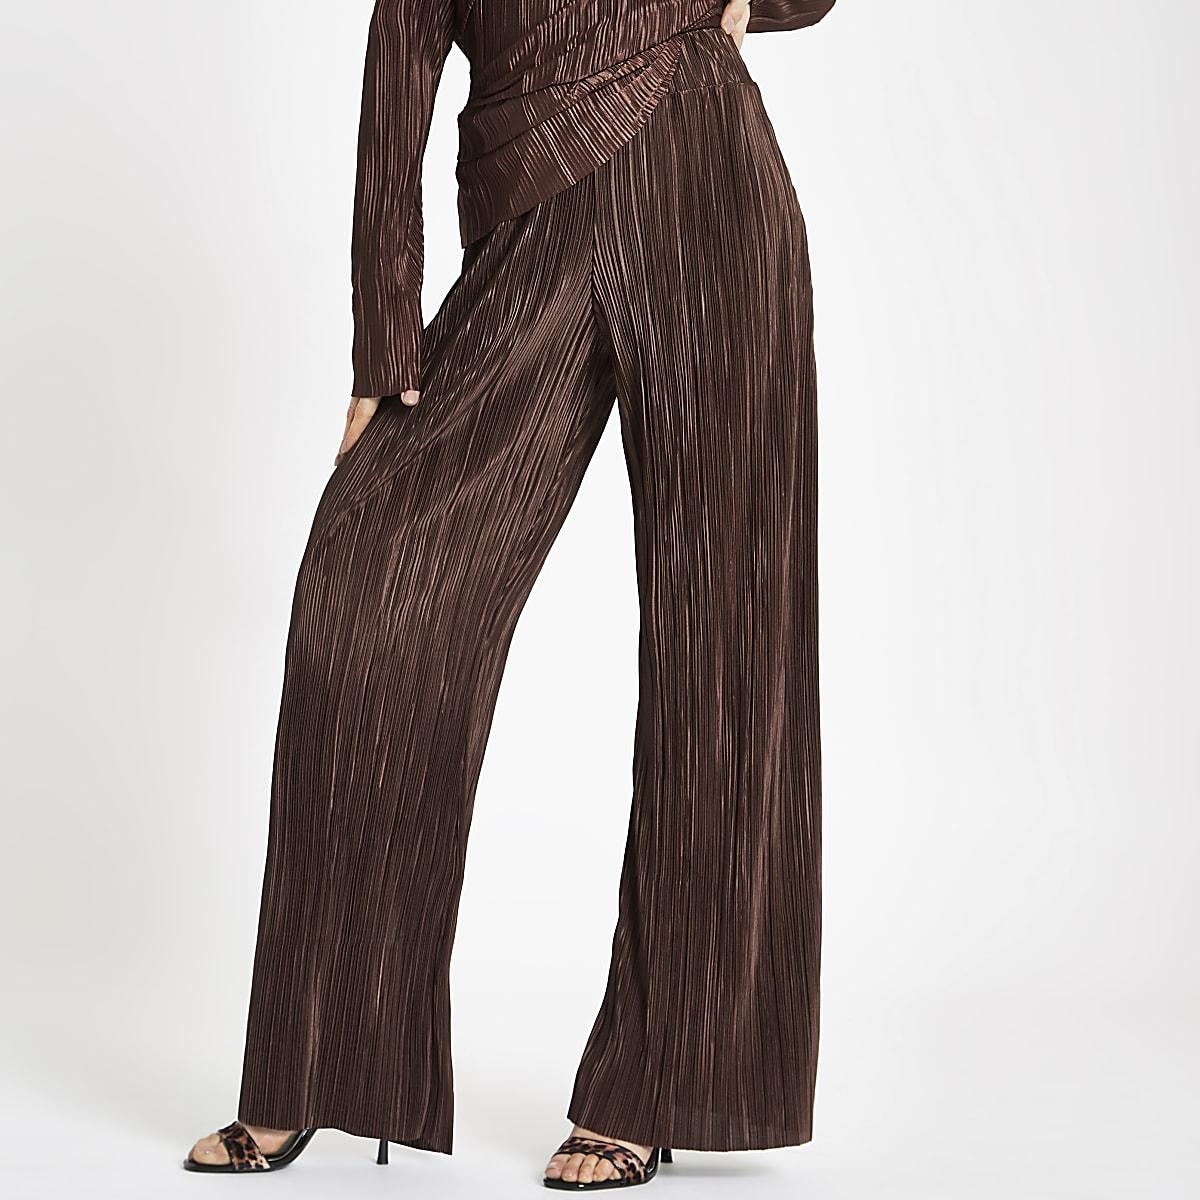 Bruine plissé broek met wijde pijpen